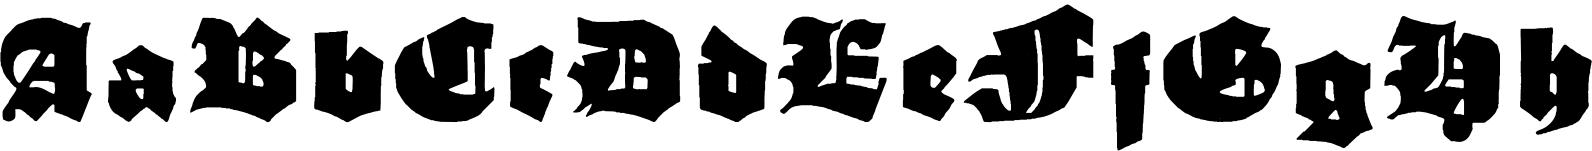 Schneidler Grobe Gotisch